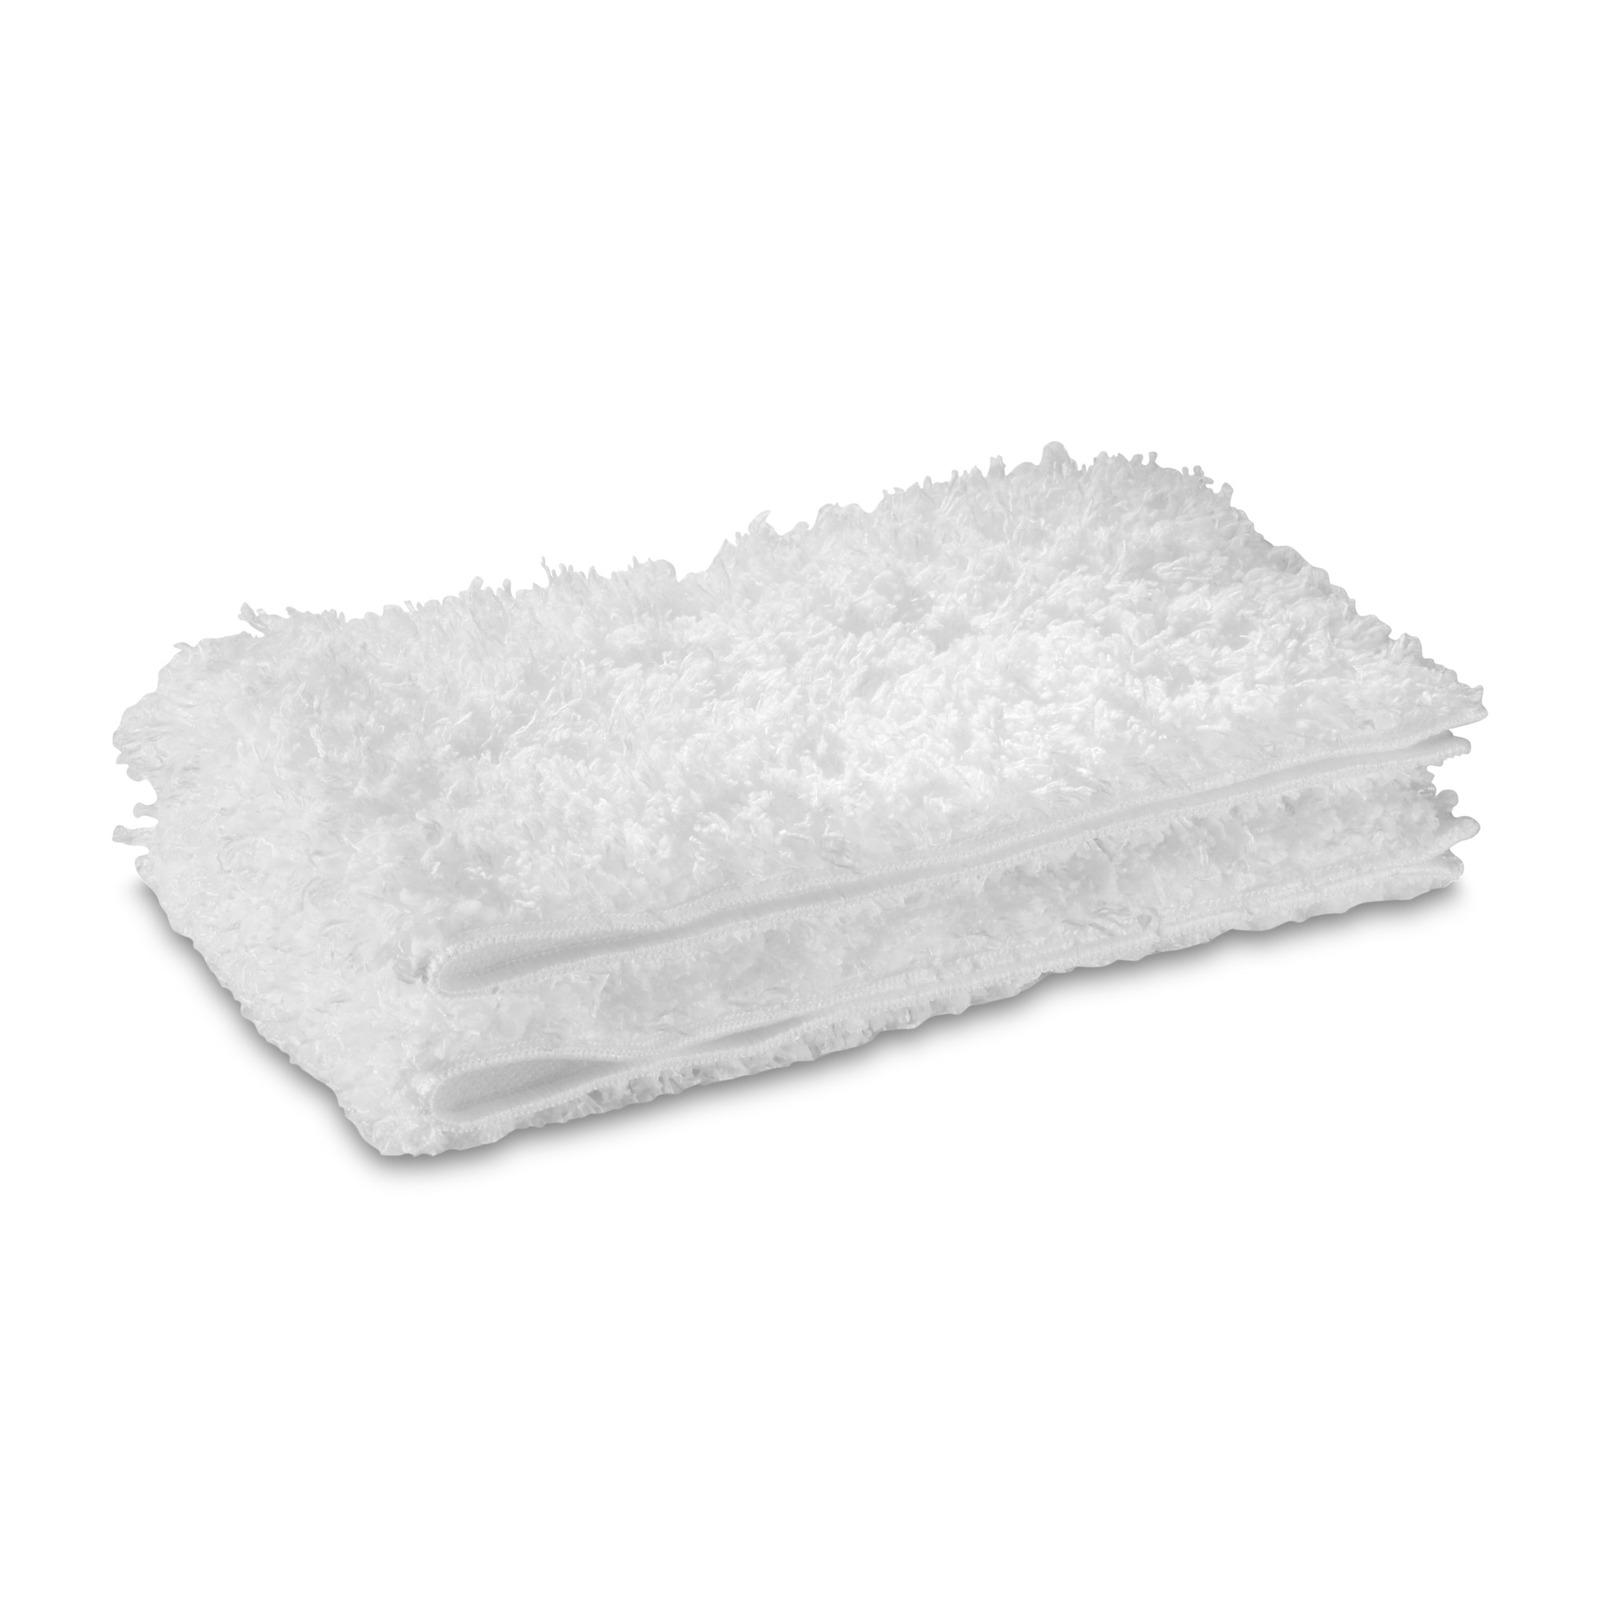 Sada utěrek z mikrovlákna pro podlahovou hubici Comfort Plus